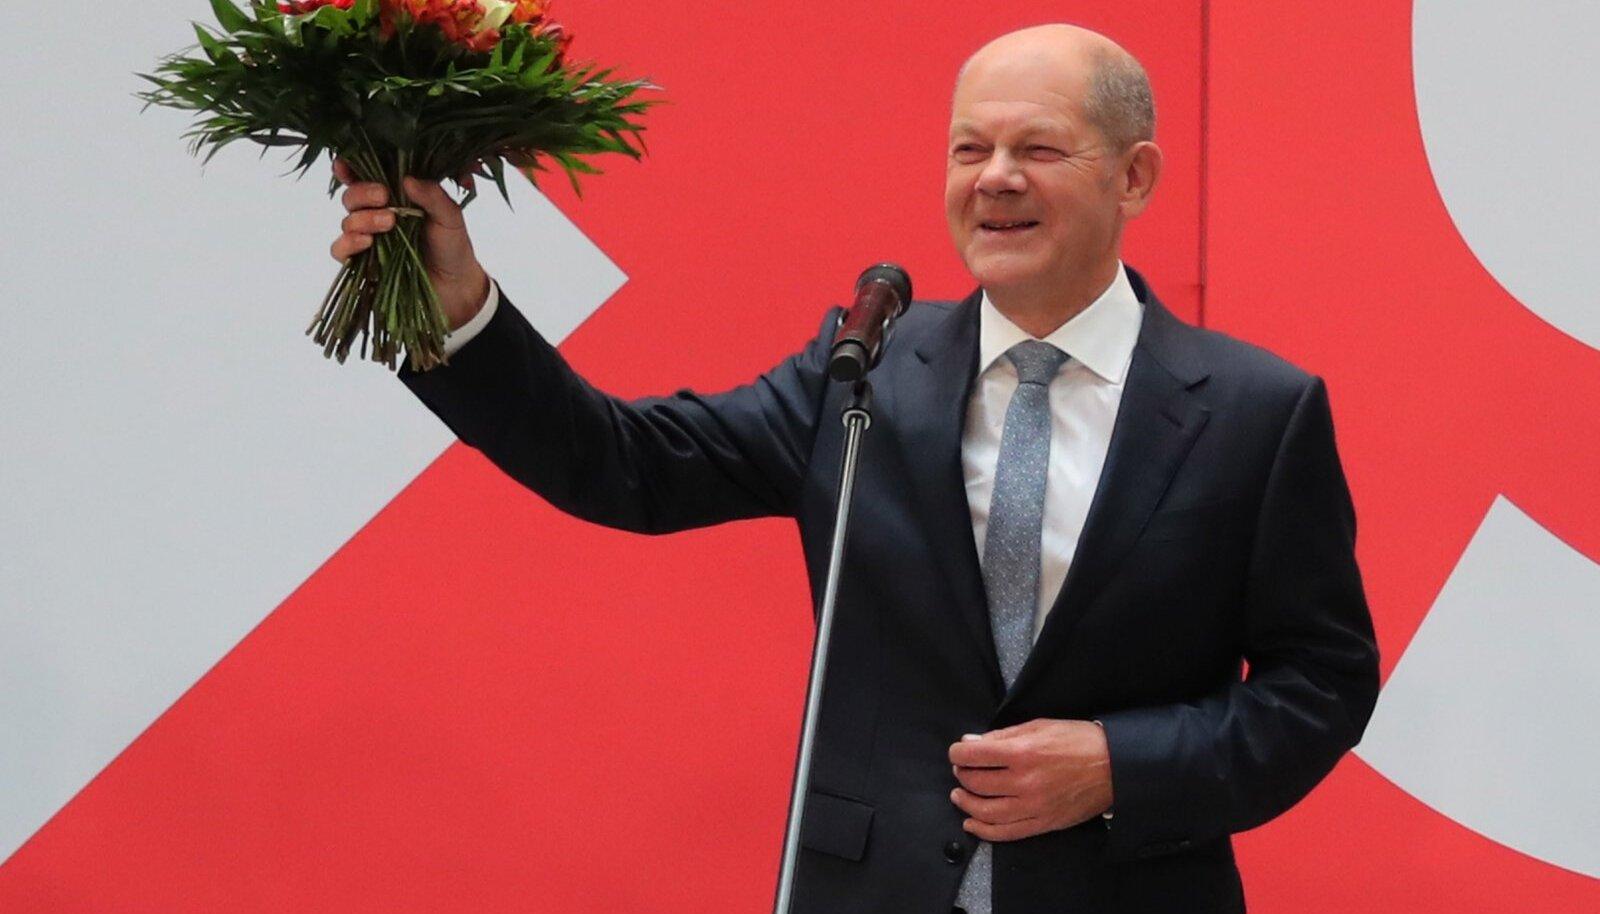 Kui kõnelused roheliste ja vabade demokraatidega õnnestuvad, saab Saksamaa kantsleriks Olaf Scholz.